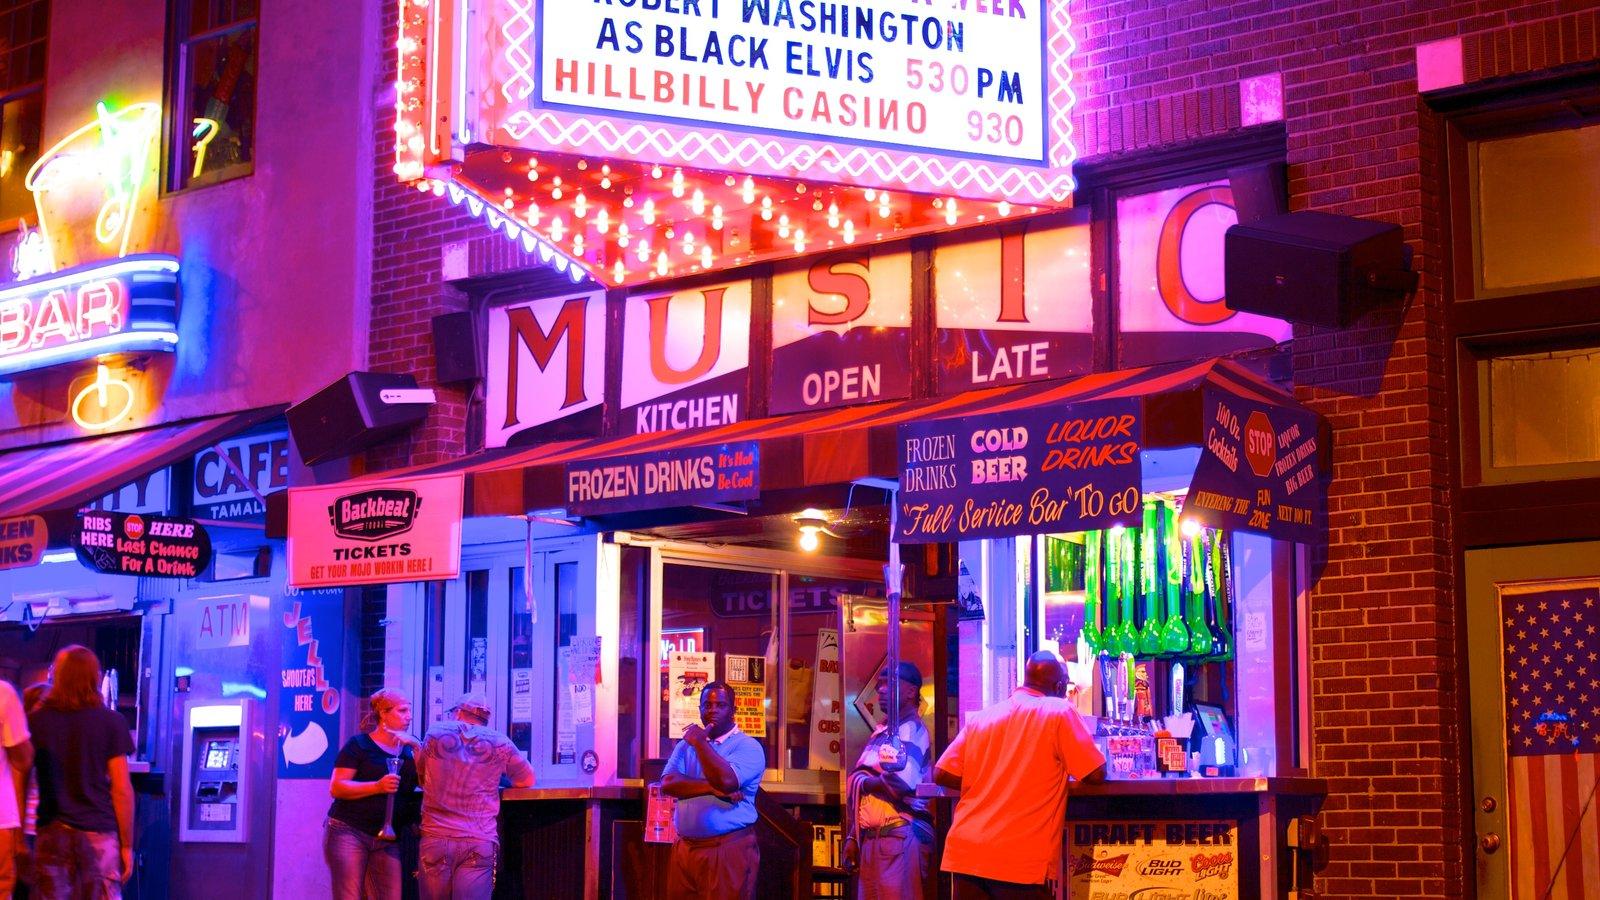 Beale Street ofreciendo escenas urbanas, vida nocturna y señalización